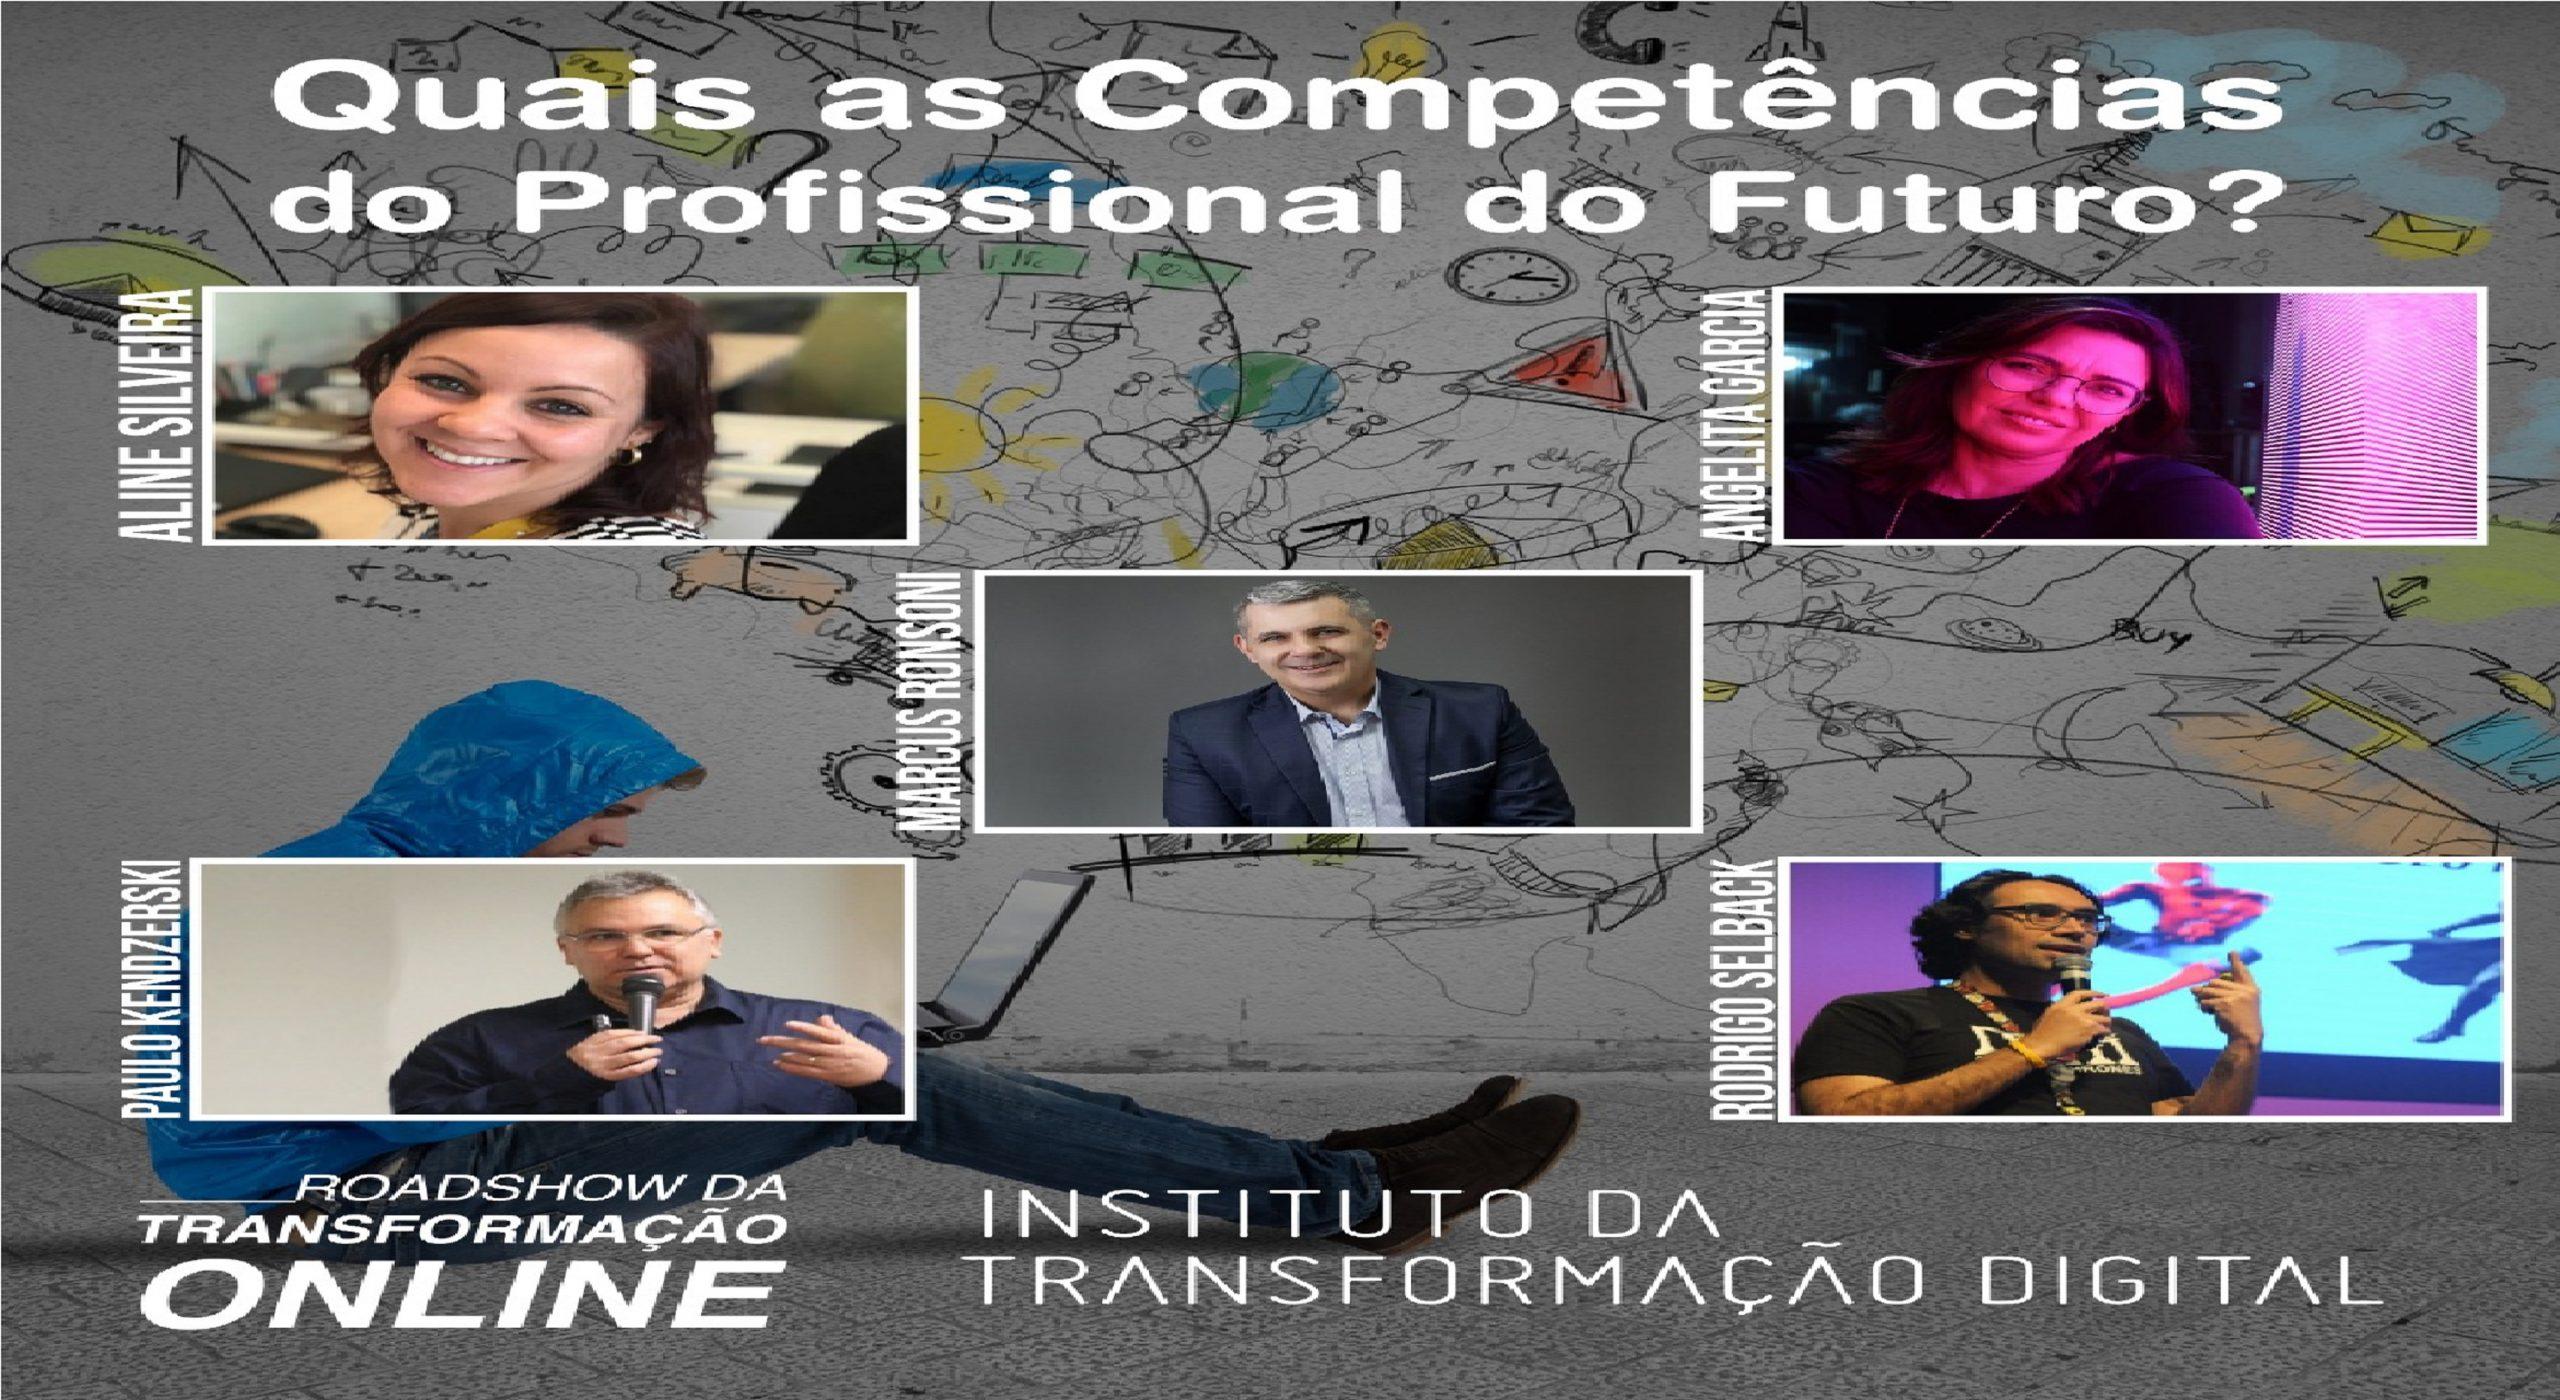 Quais as Competências do Profissional do Futuro?